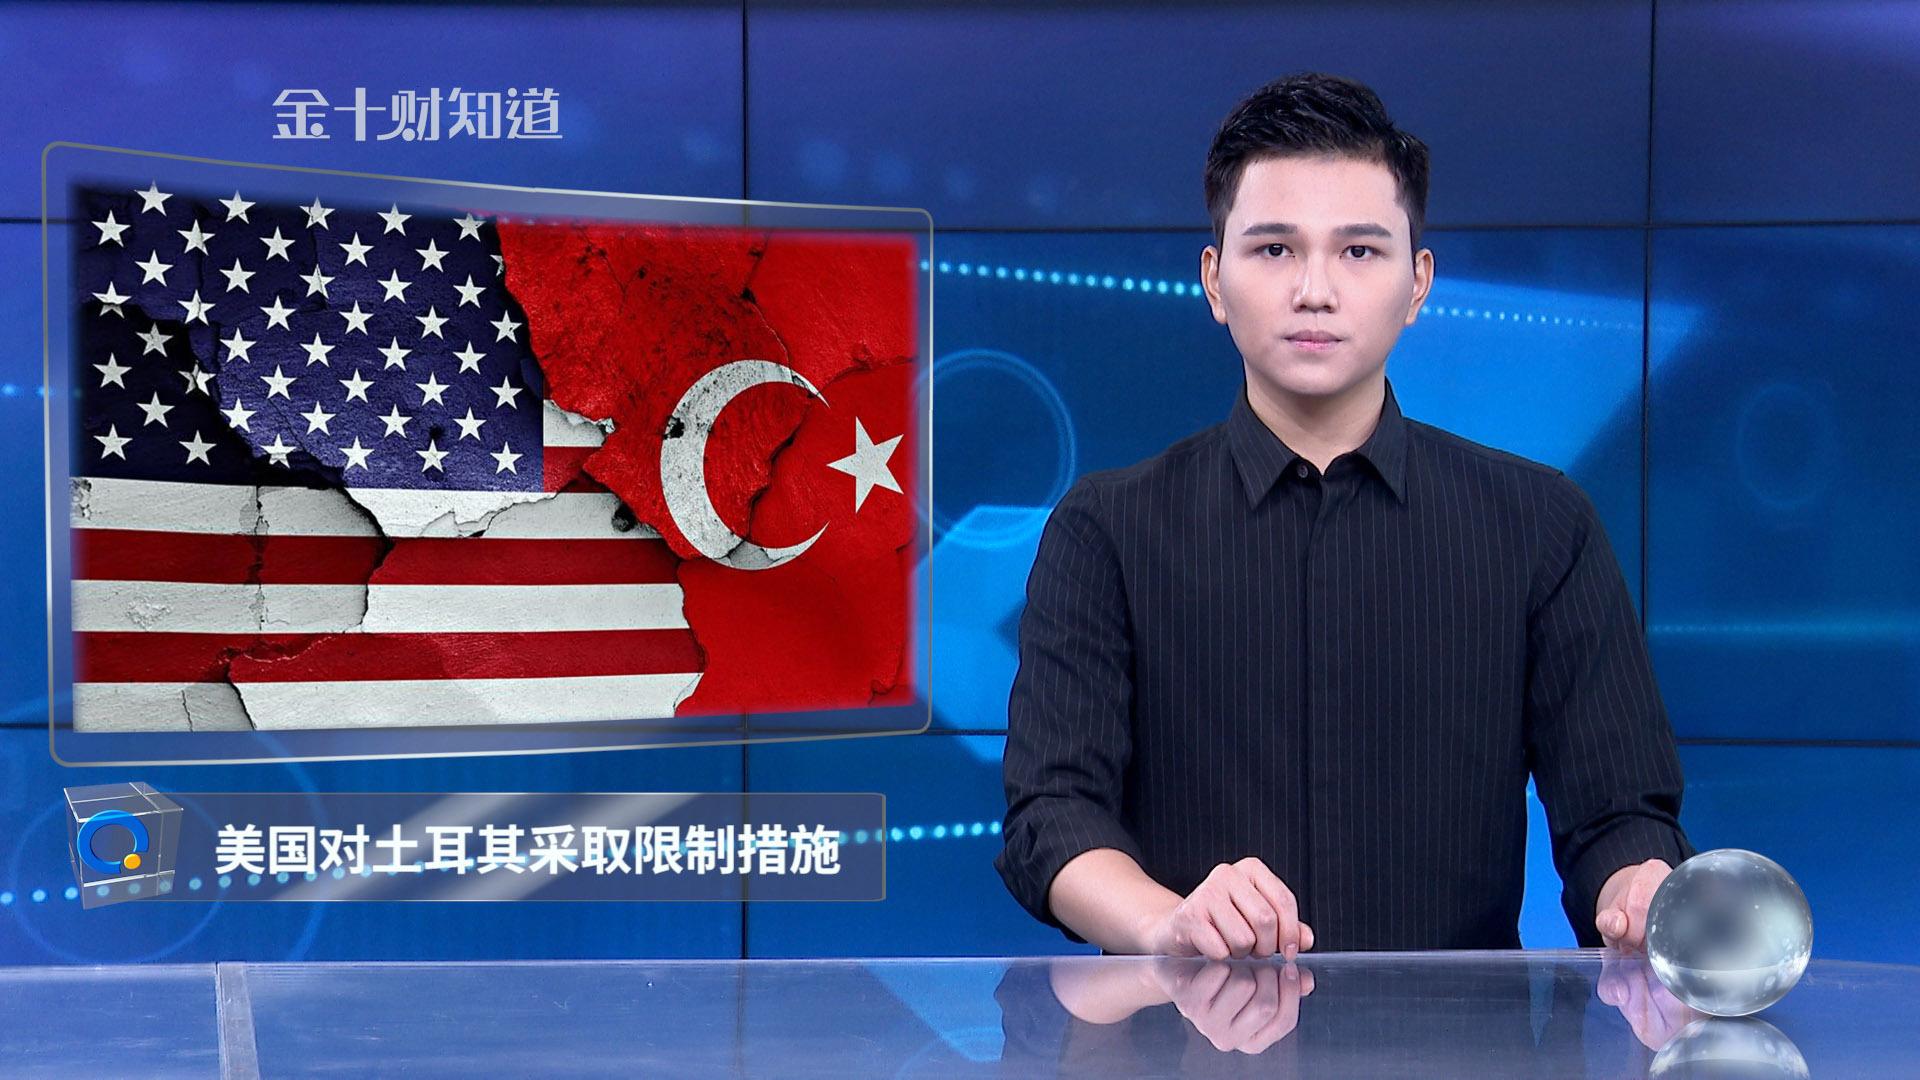 增持41.8吨!土耳其成全球最大黄金买家后,美国突然对其发起限制